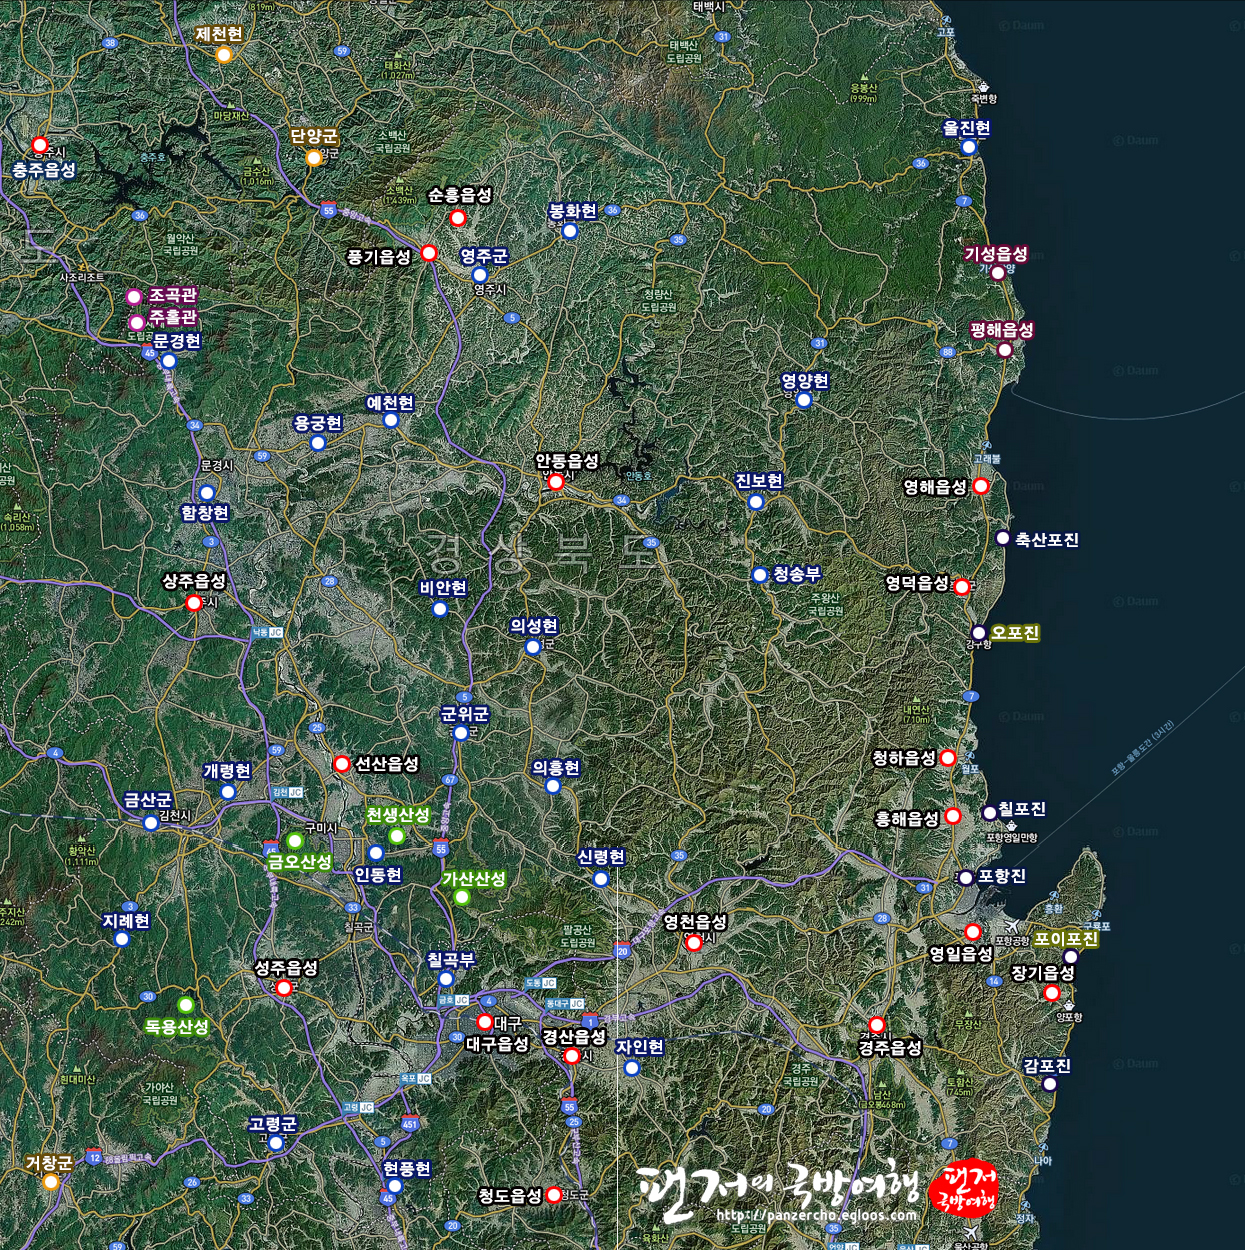 전국의 읍성_02_대구경북의 읍성 평면도를 살펴보자